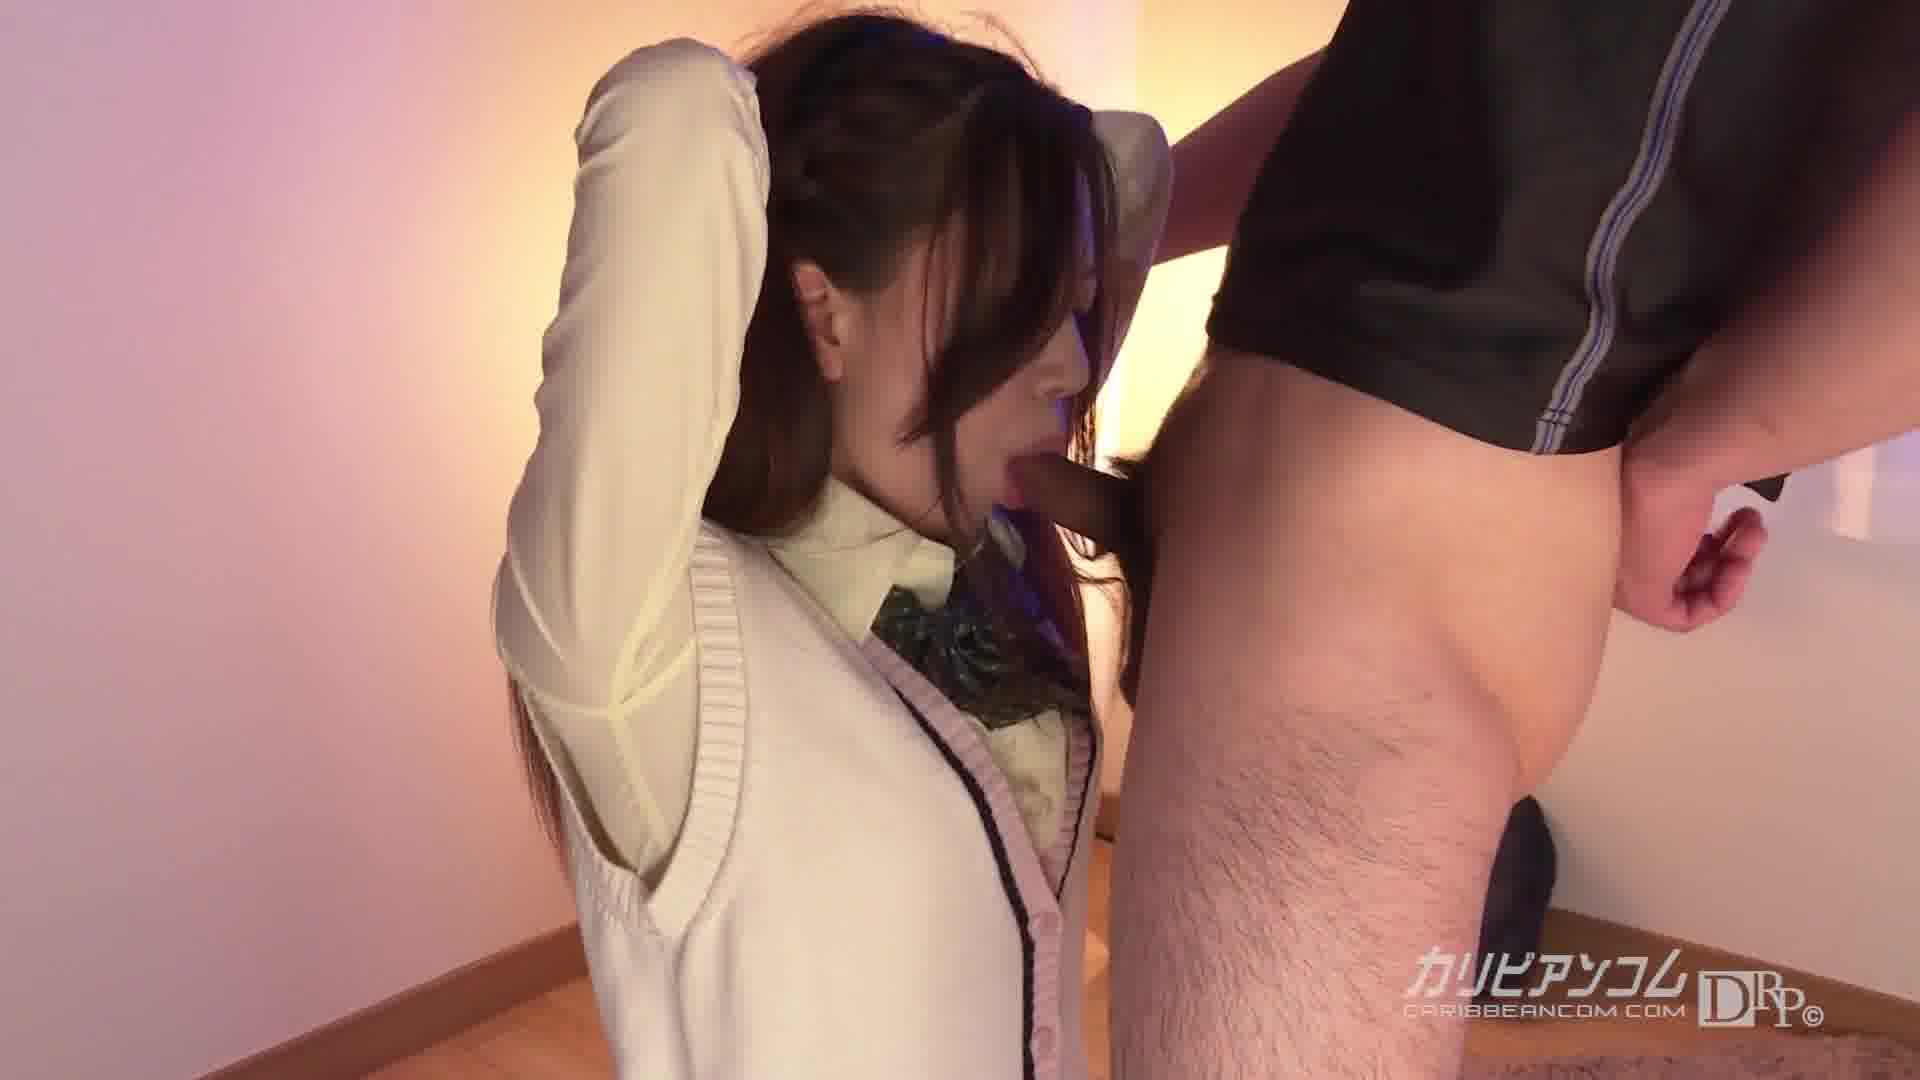 制服美女倶楽部 Vol.17 - 木村美羽【美乳・制服・イラマチオ】